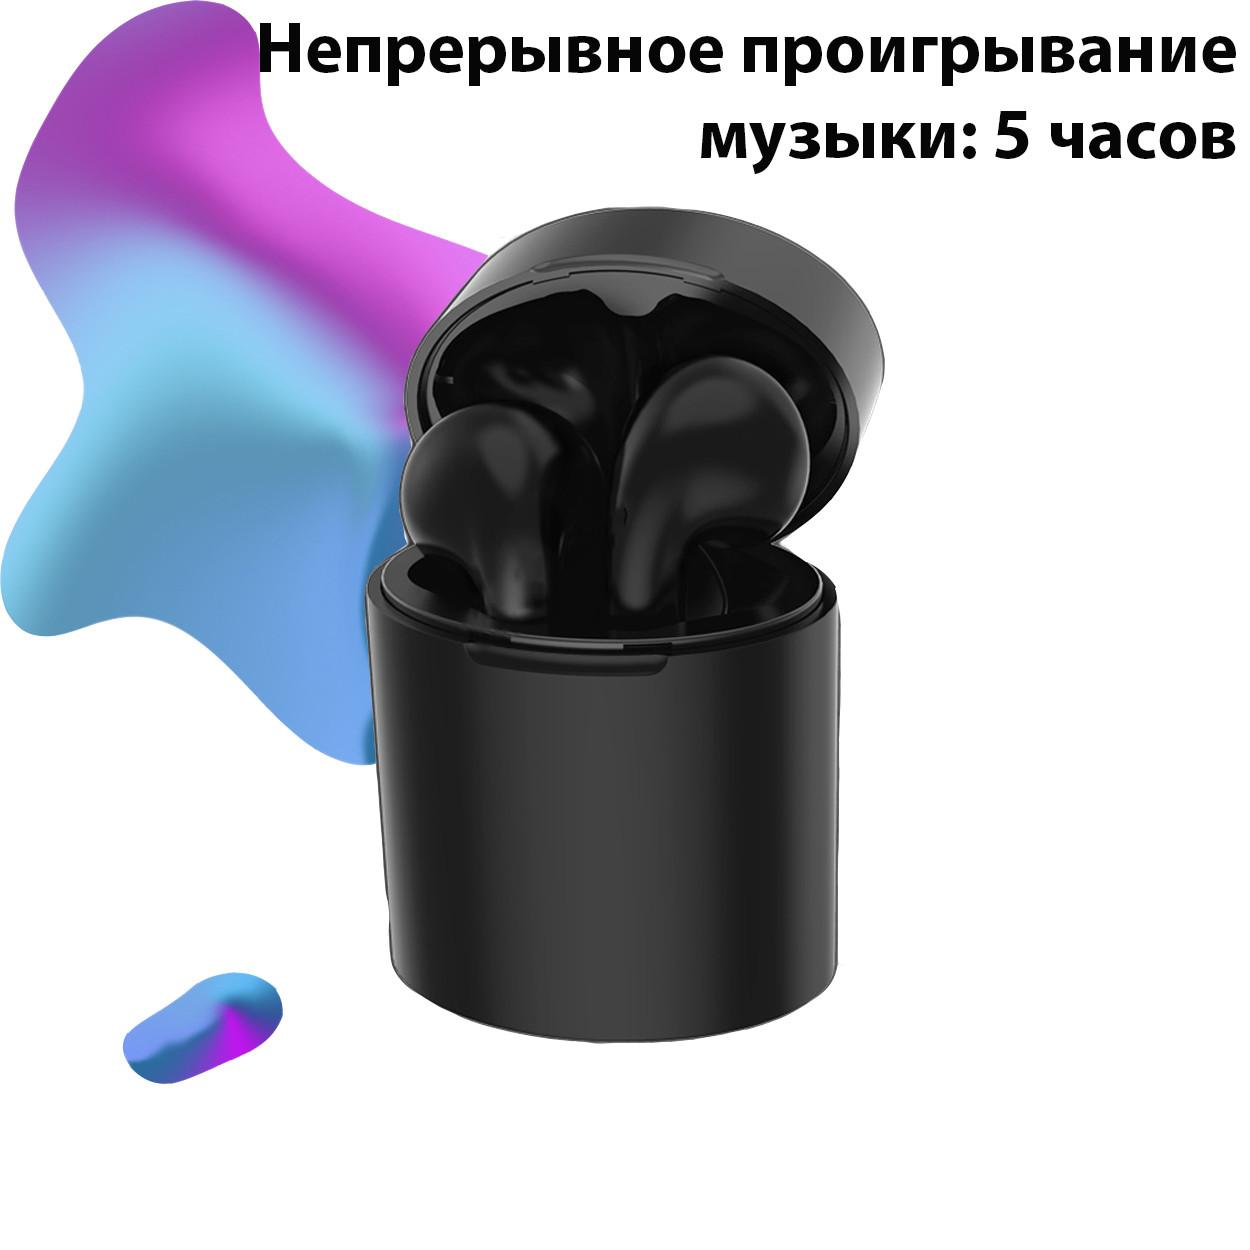 Беспроводные наушники блютуз гарнитура Bluetooth 5.0 Wi-pods X10 наушники с микрофоном  черные